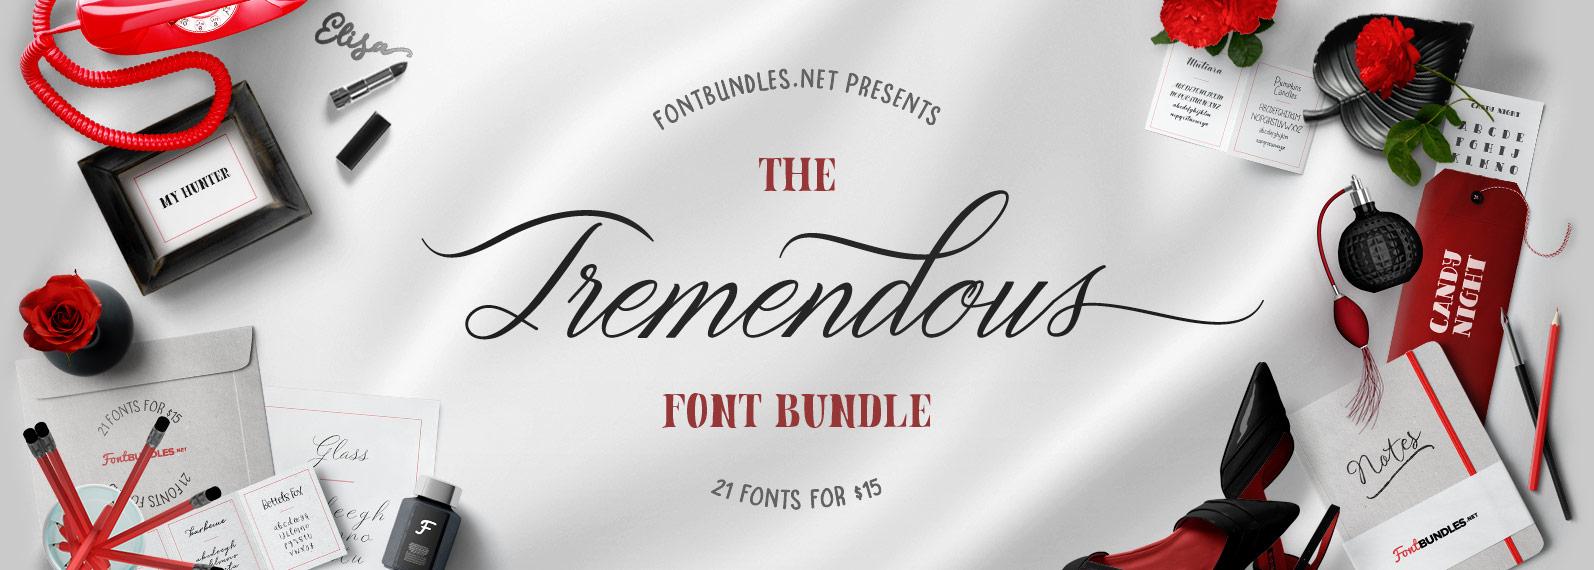 The Tremendous Font Bundle Cover